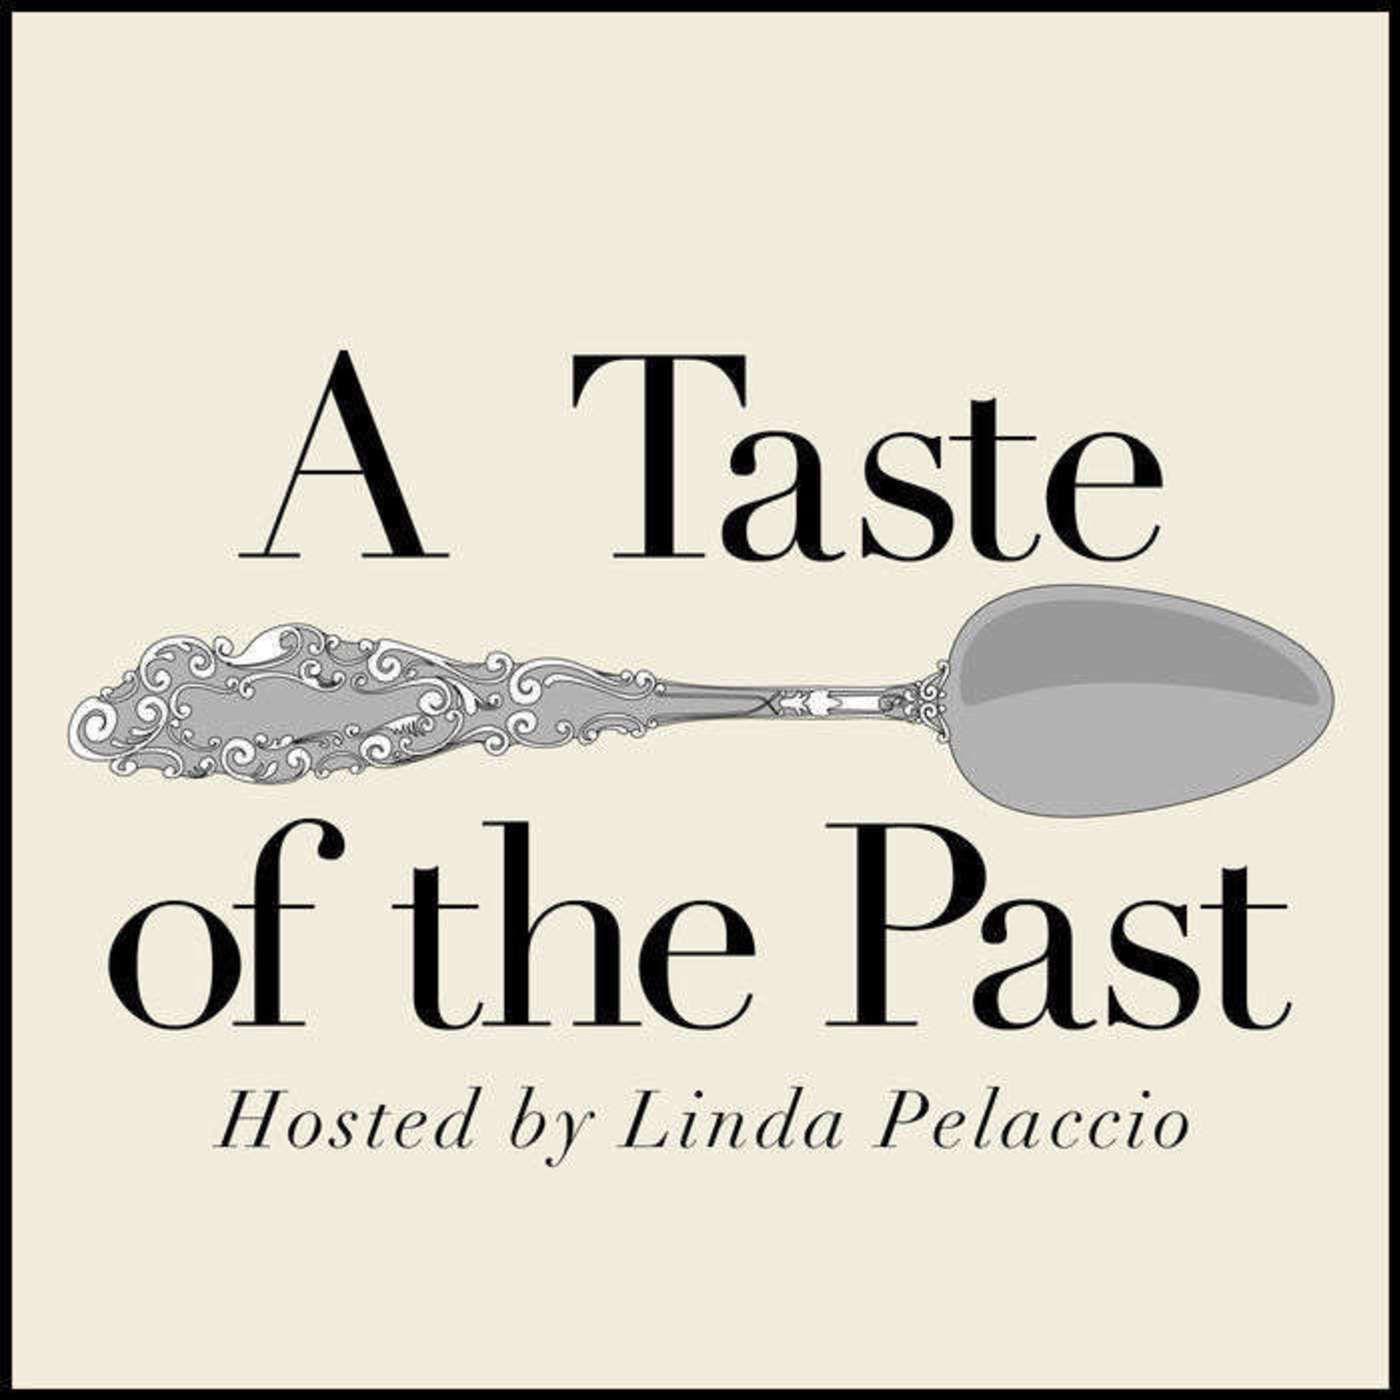 Episode 115: Cucina Ebraica